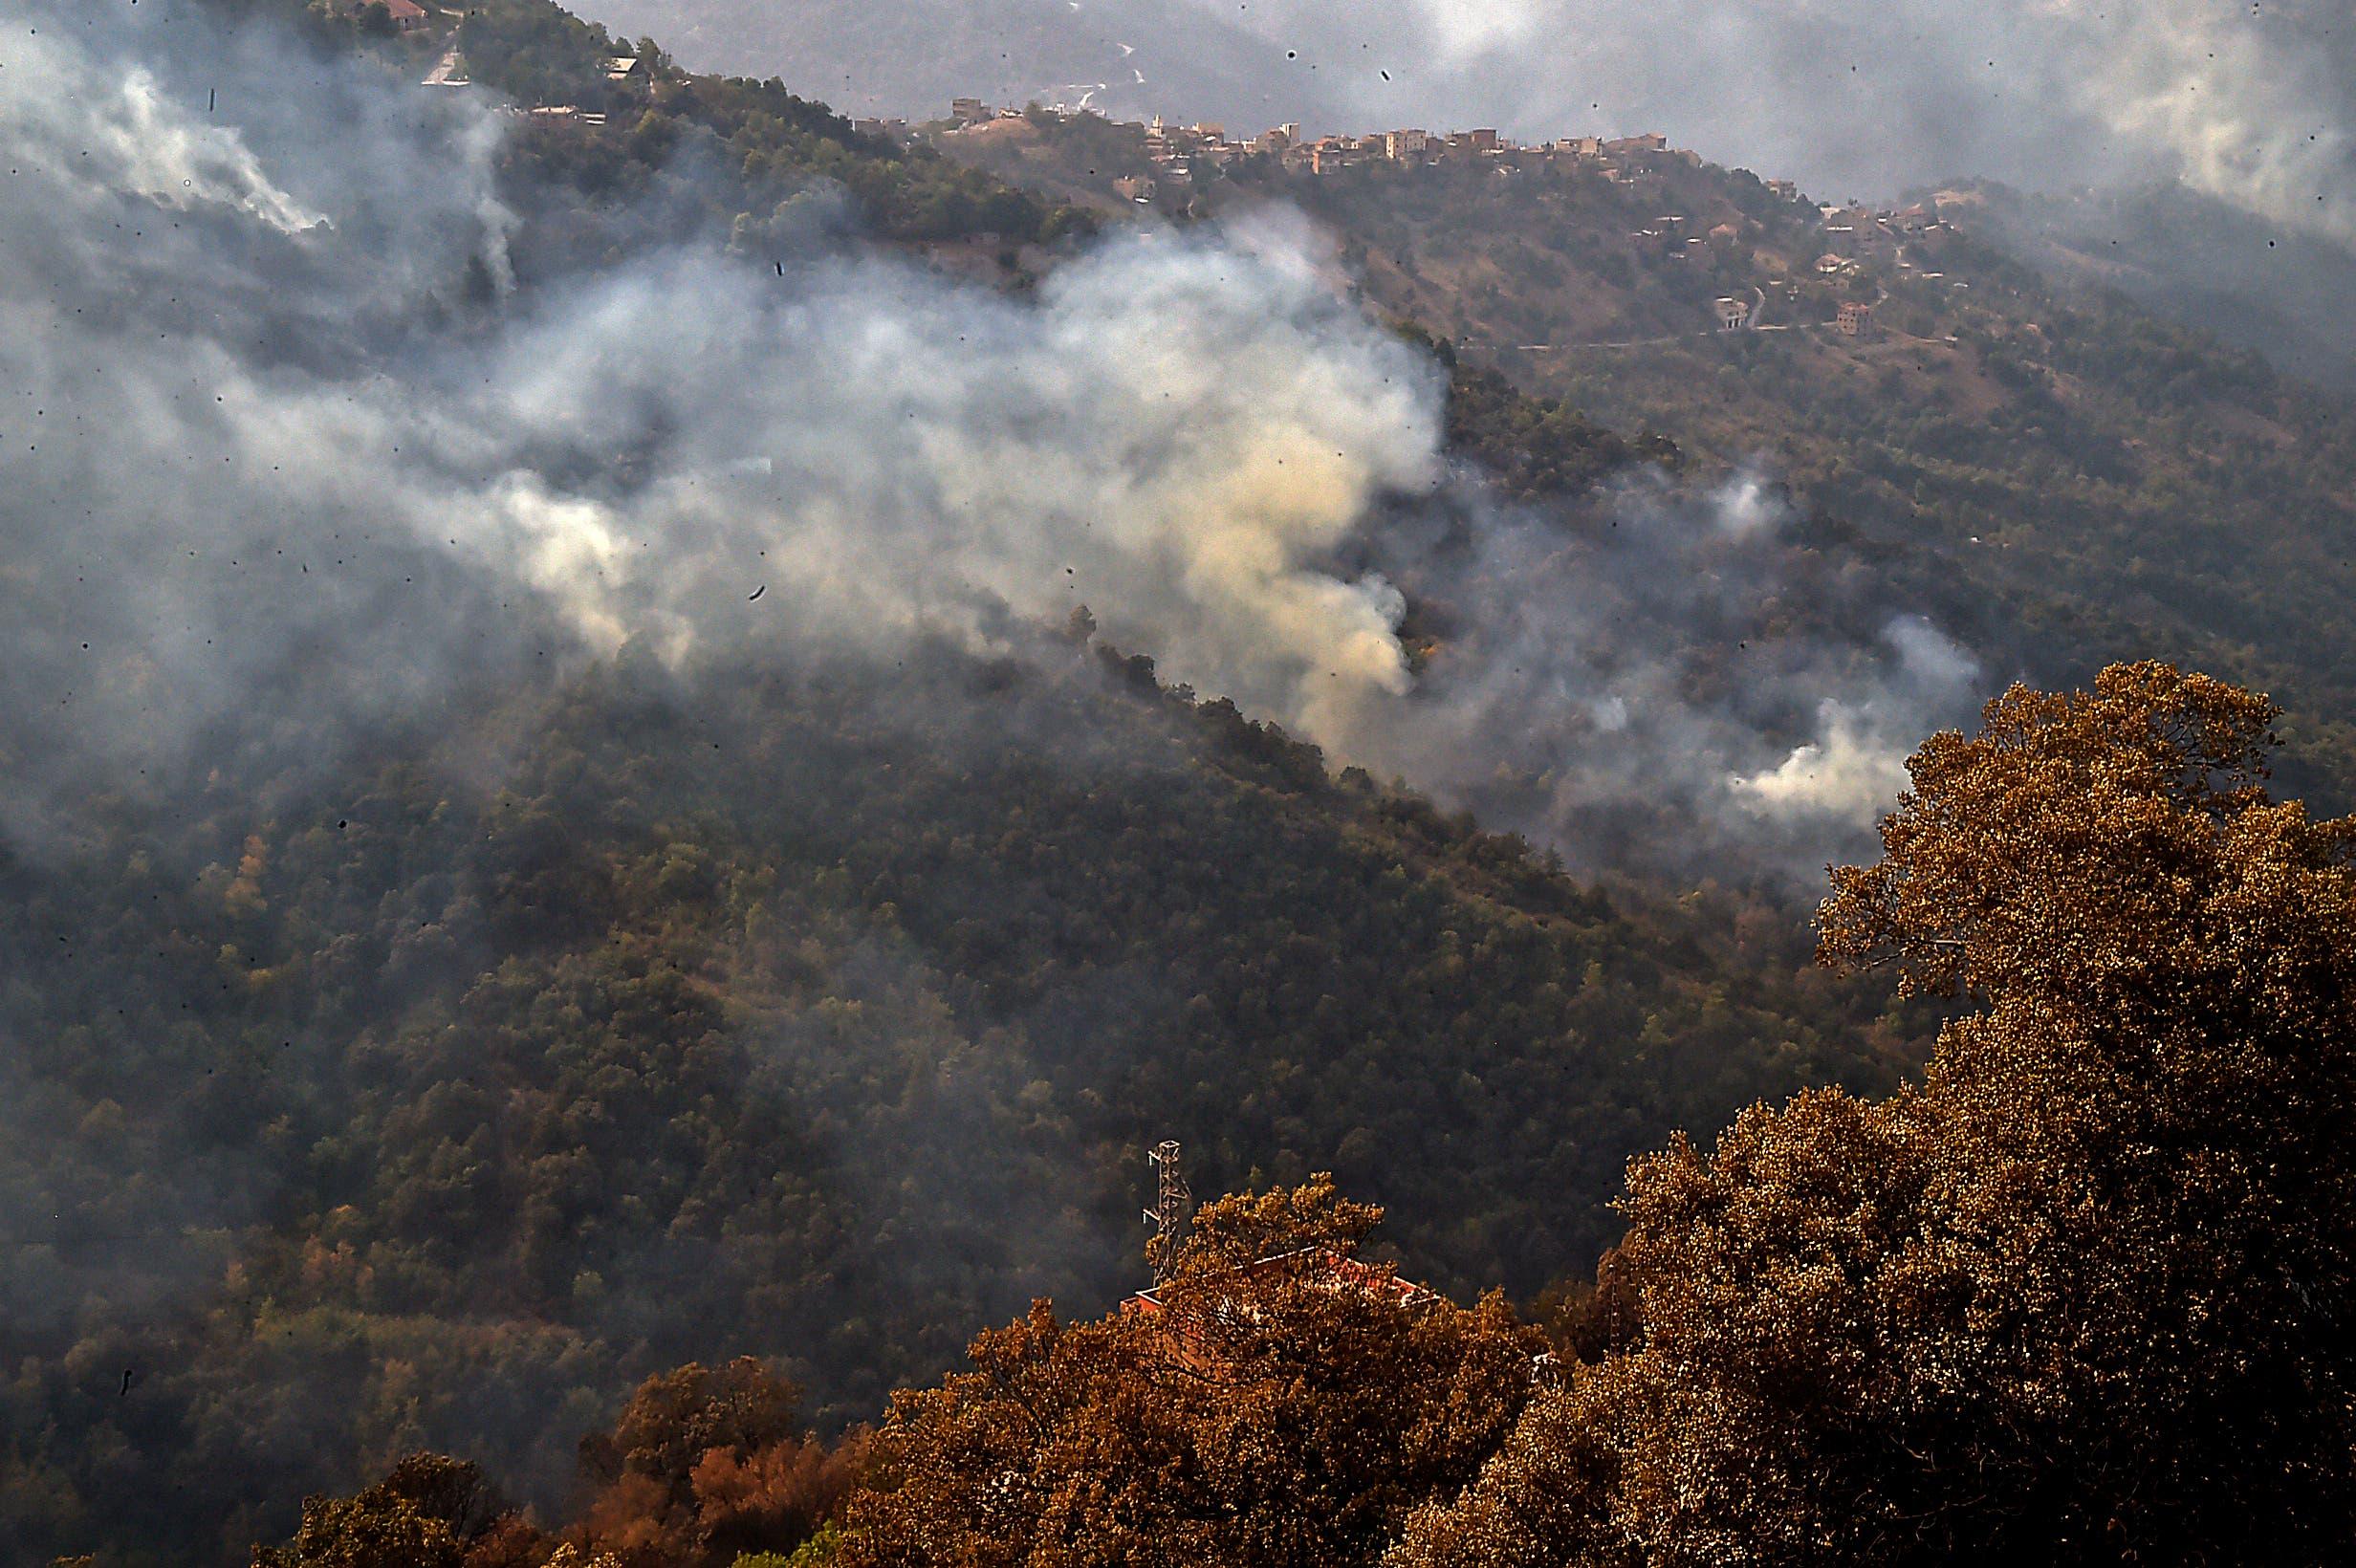 من حرائق الأمس في شمال الجزائر